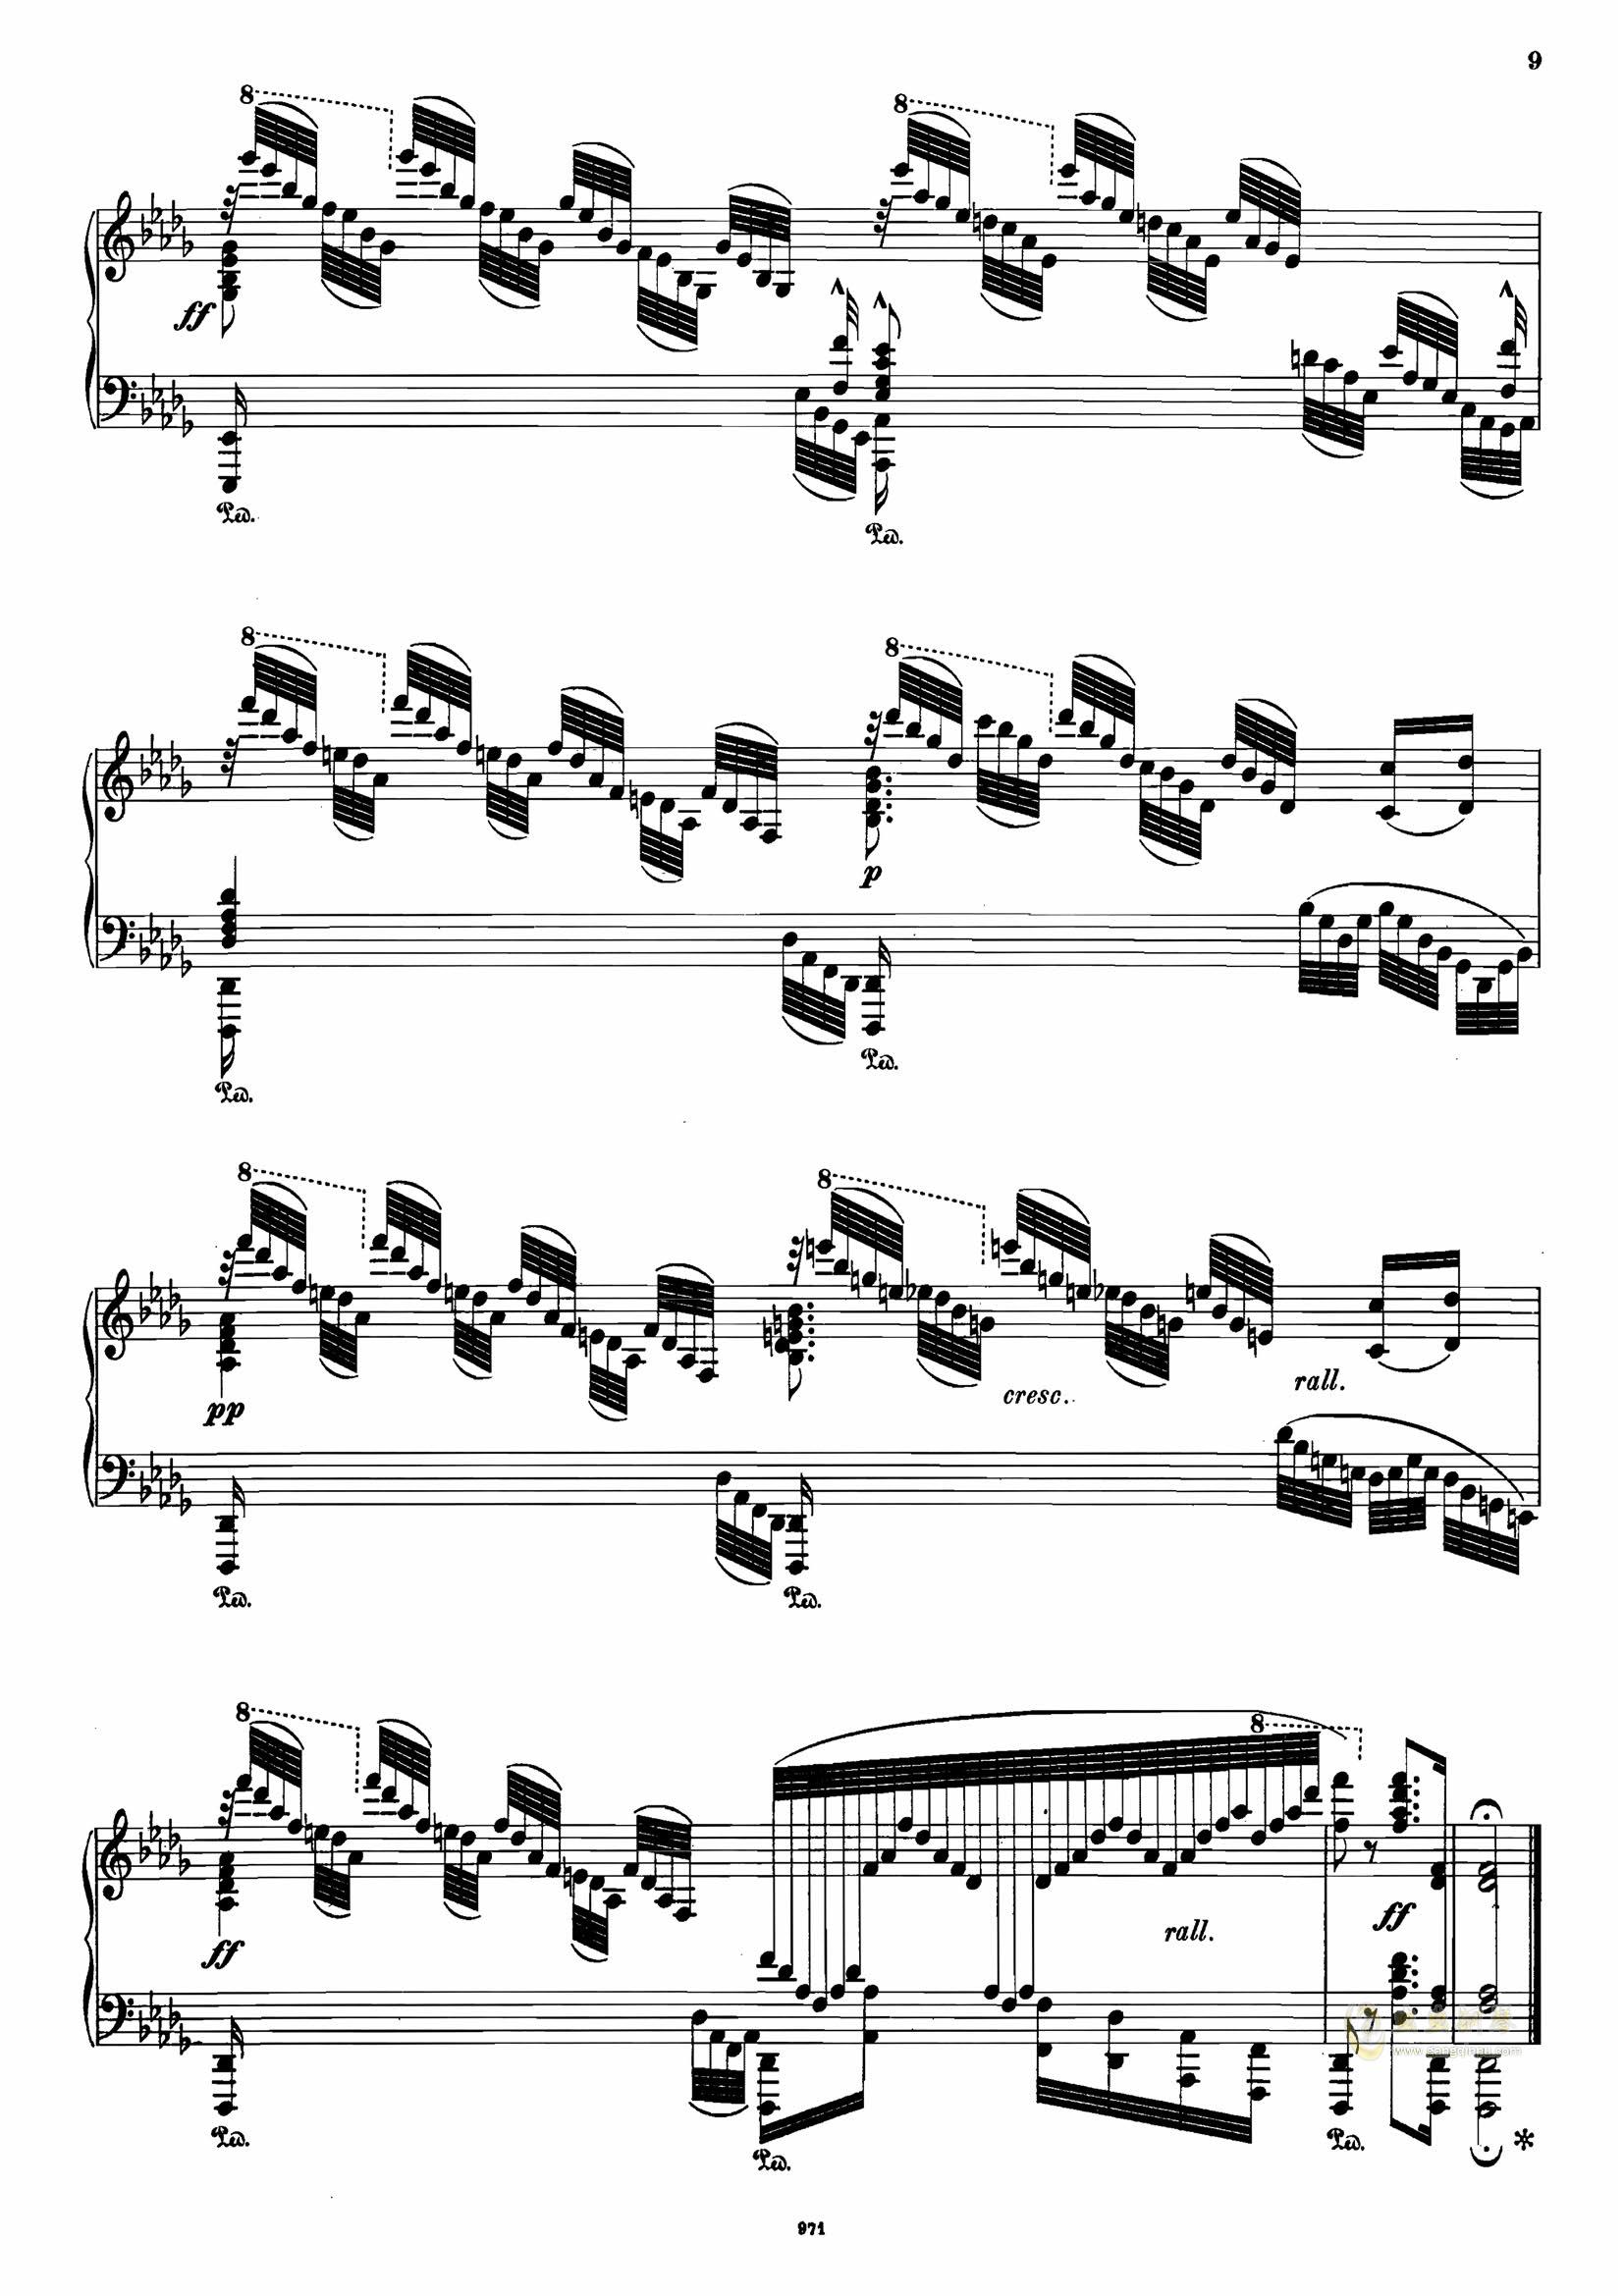 >> 名人名曲 >> 塔尔贝格 >>塔尔贝格 改编 可爱的家 op.72